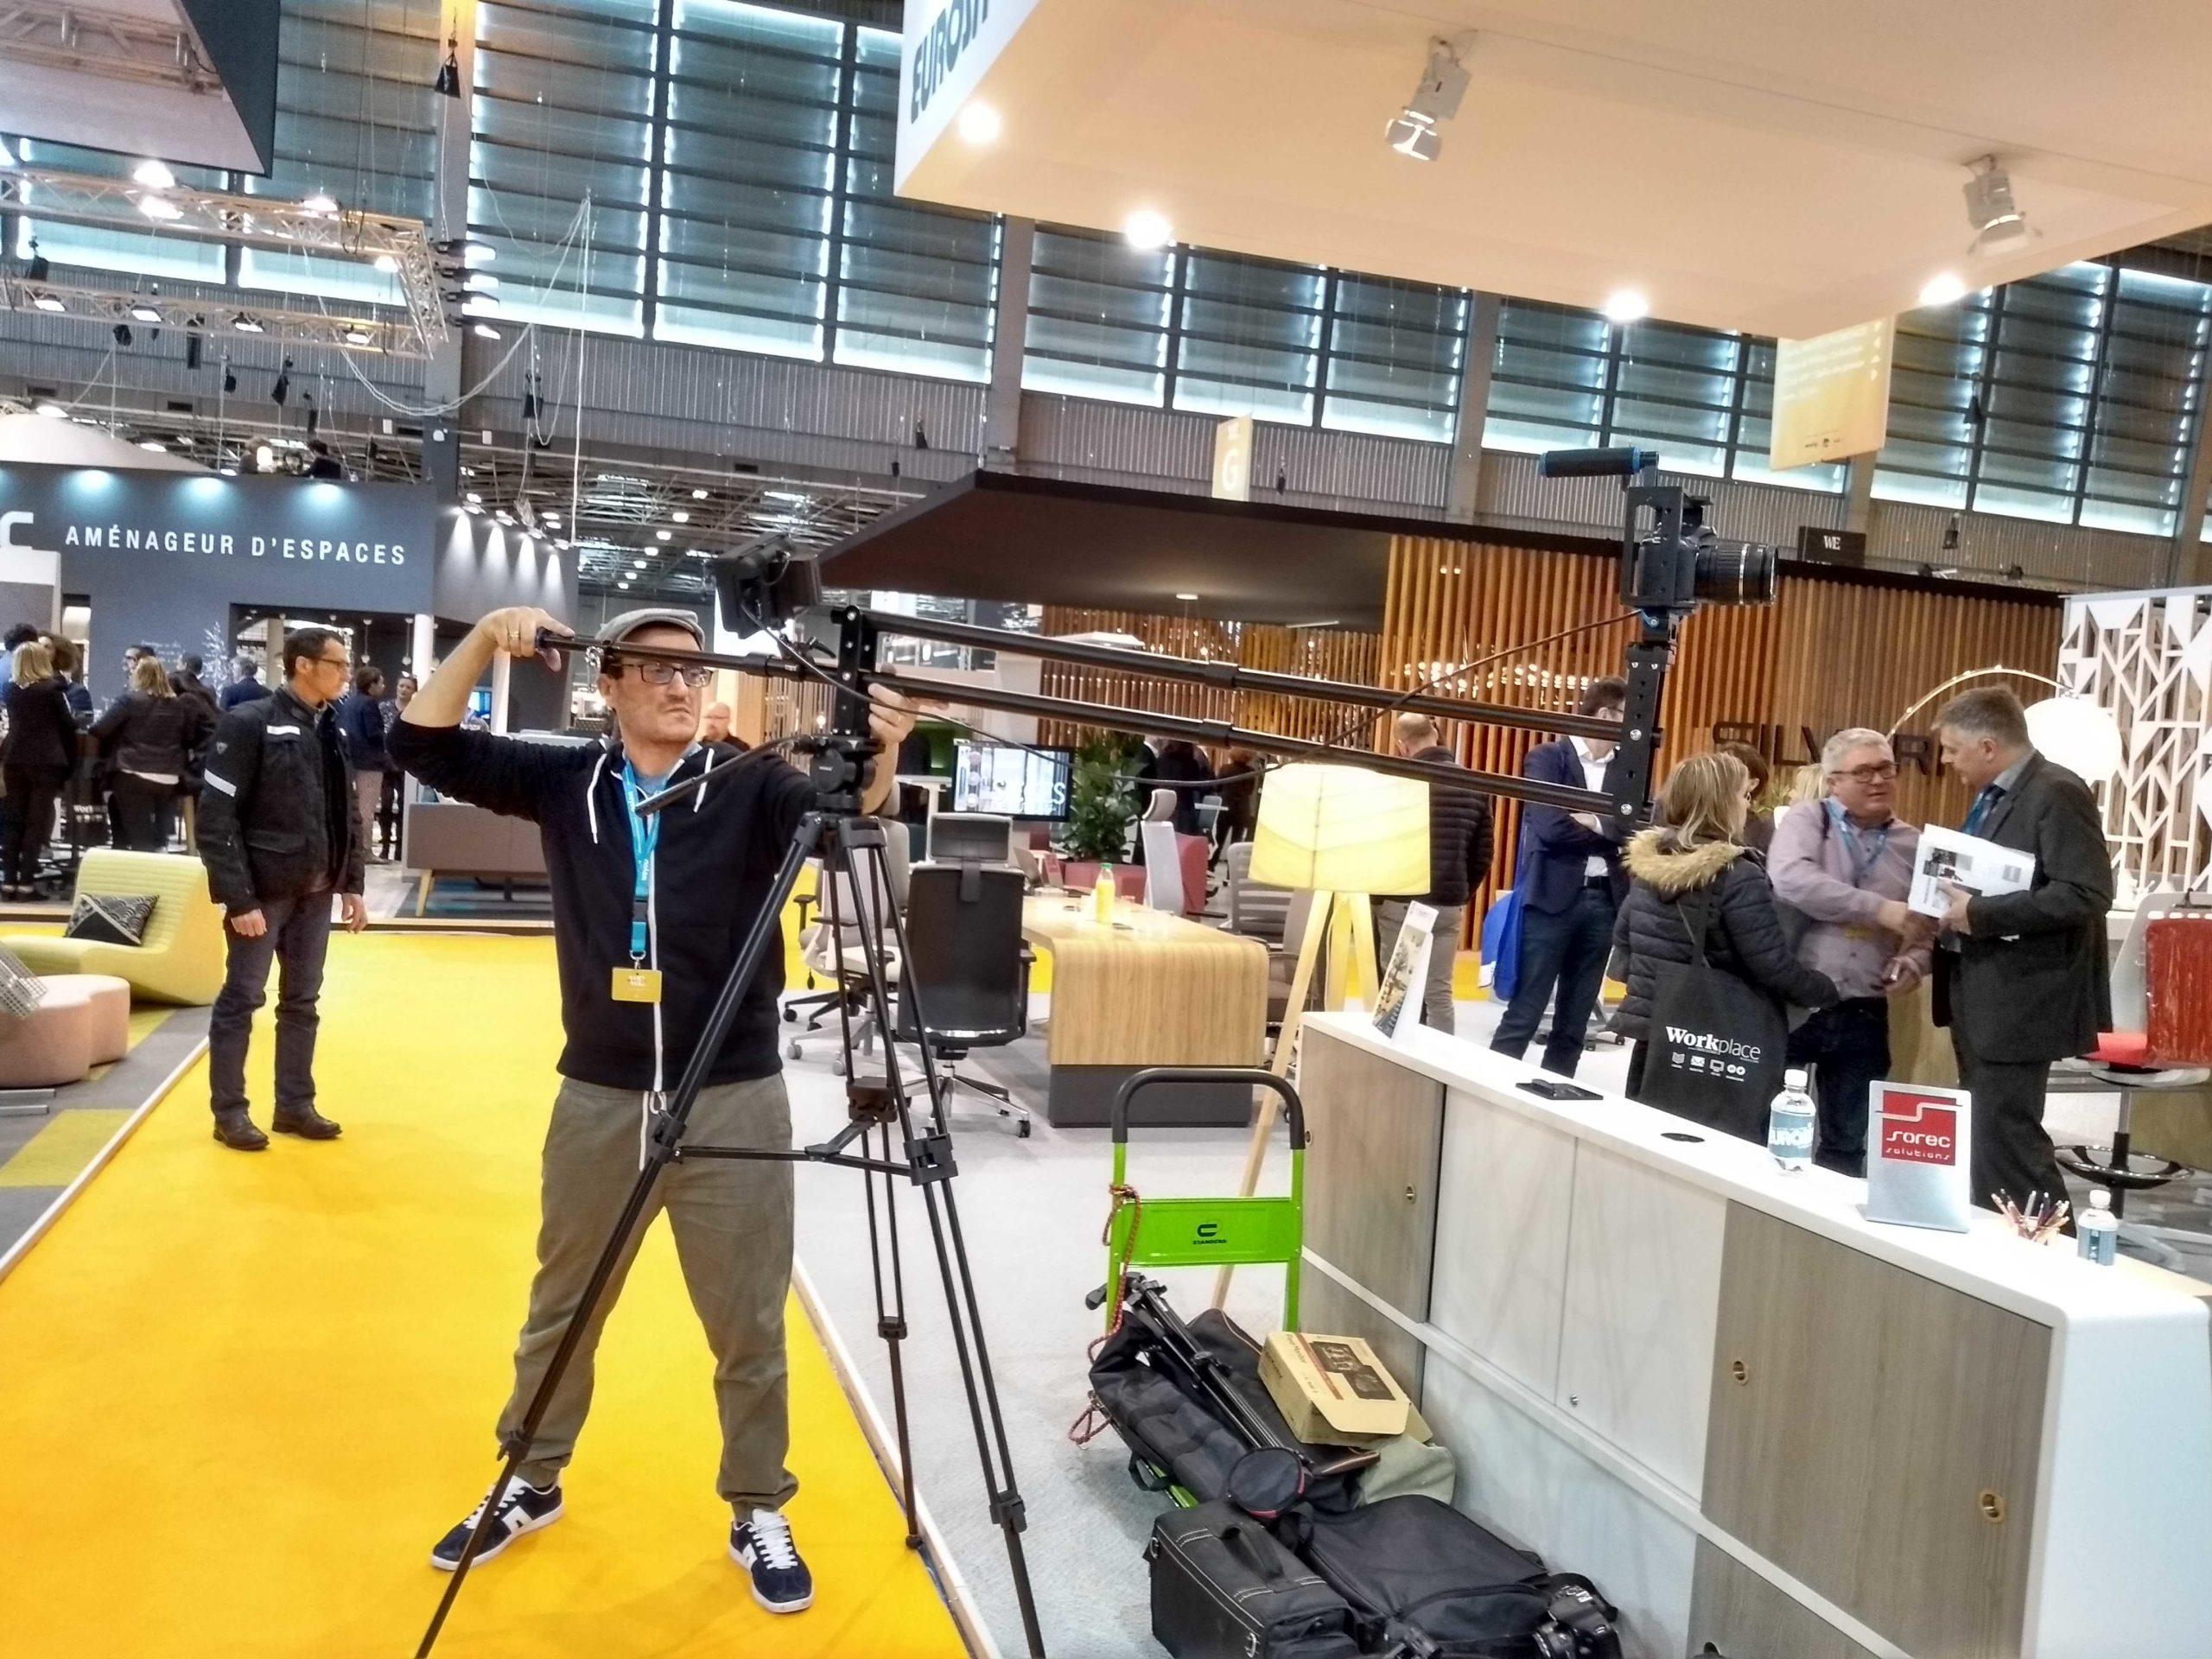 tournage film entreprise Paris